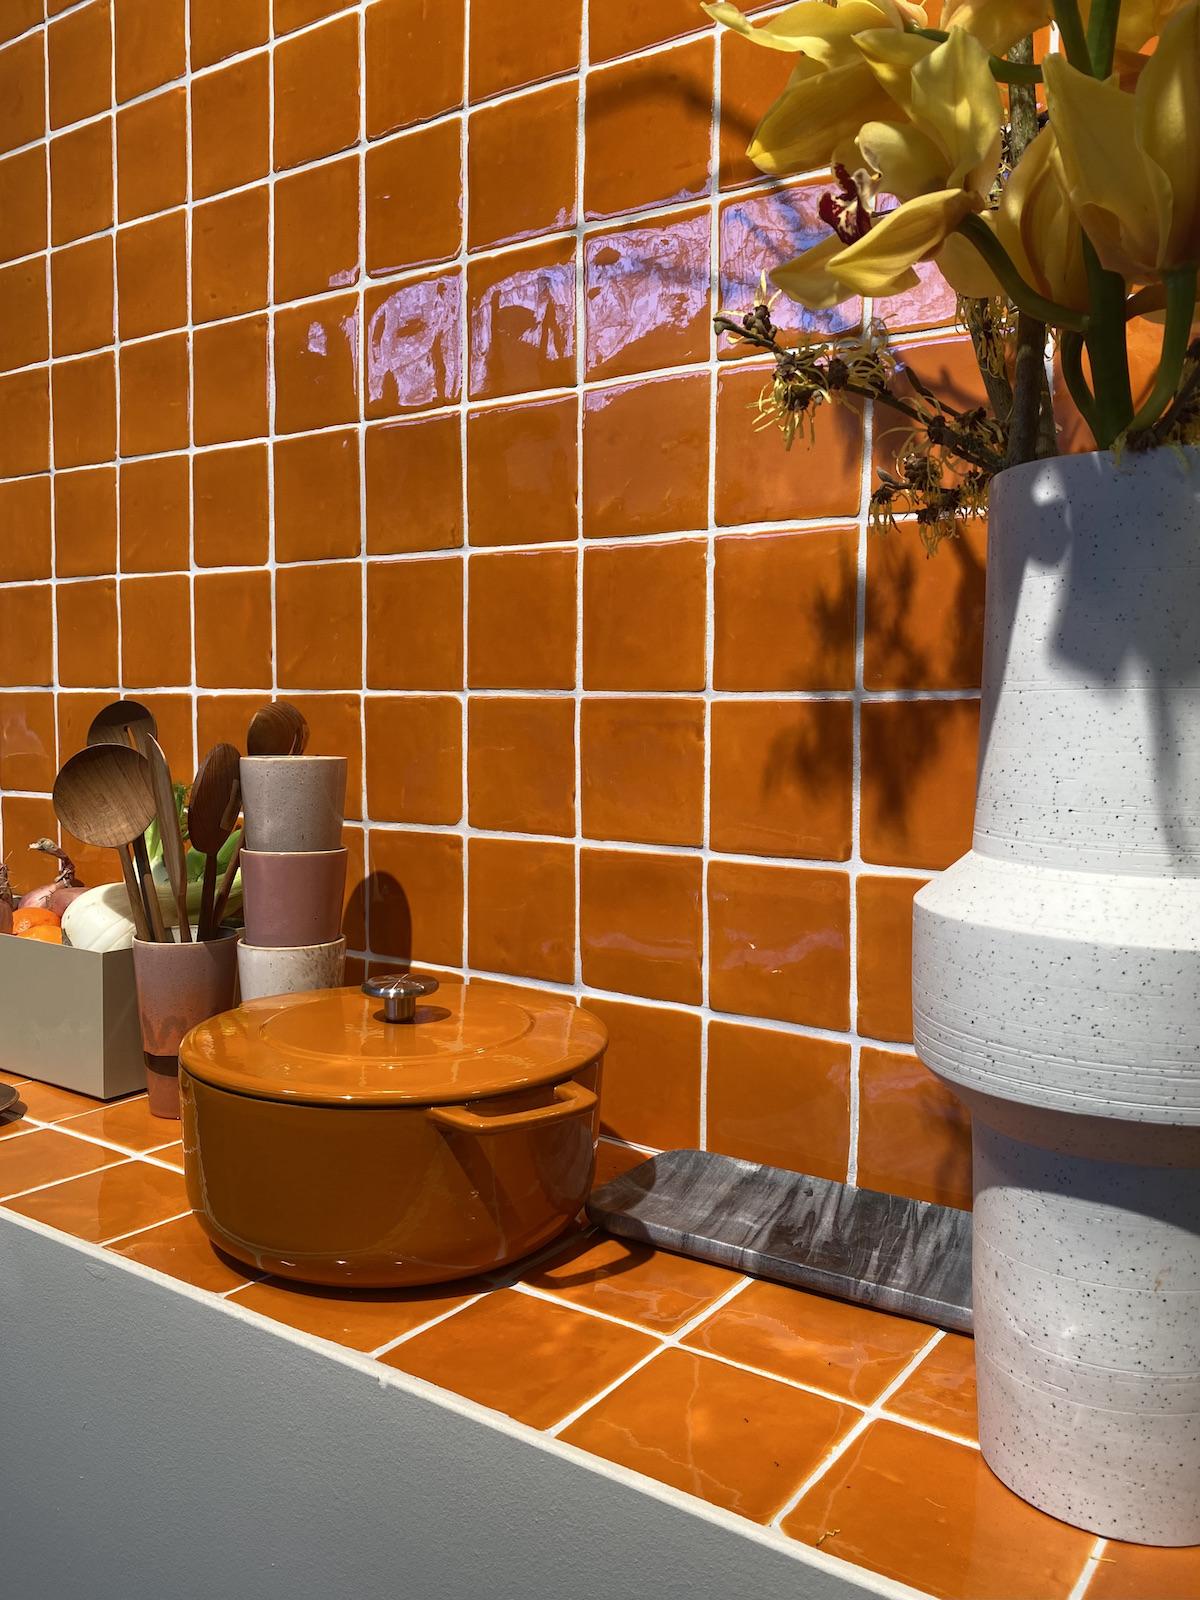 cuisine orange crédence plan de travail zellige - blog déco clem around the corner